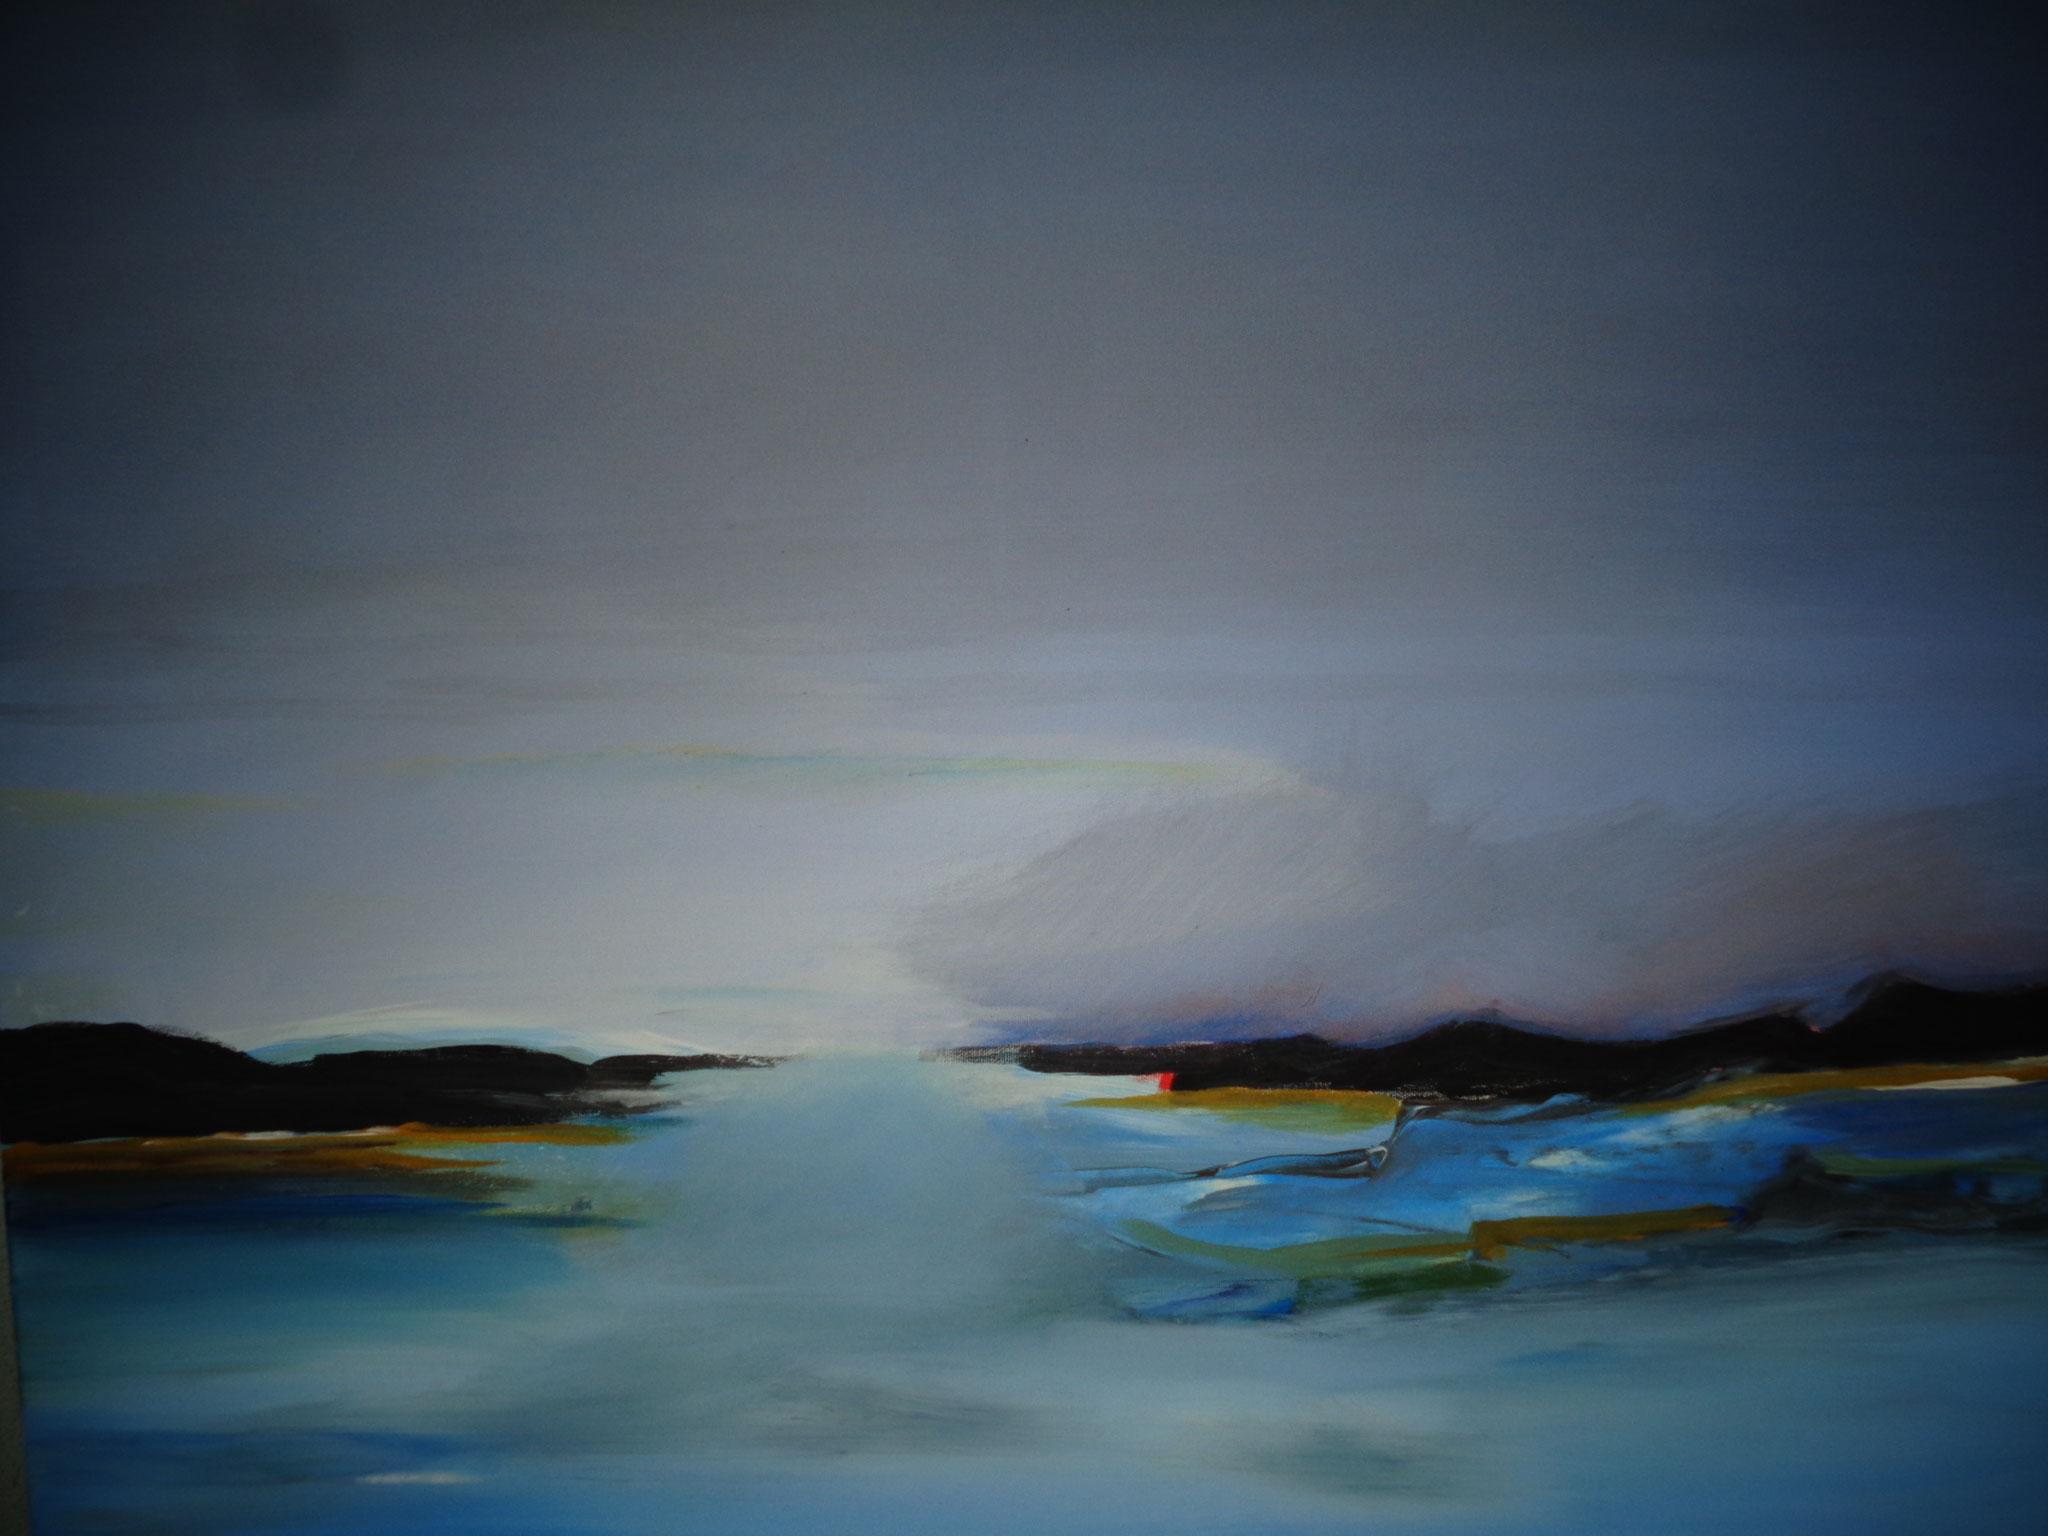 Bild 14  80 x 60 cm  Acryl auf Leinwand